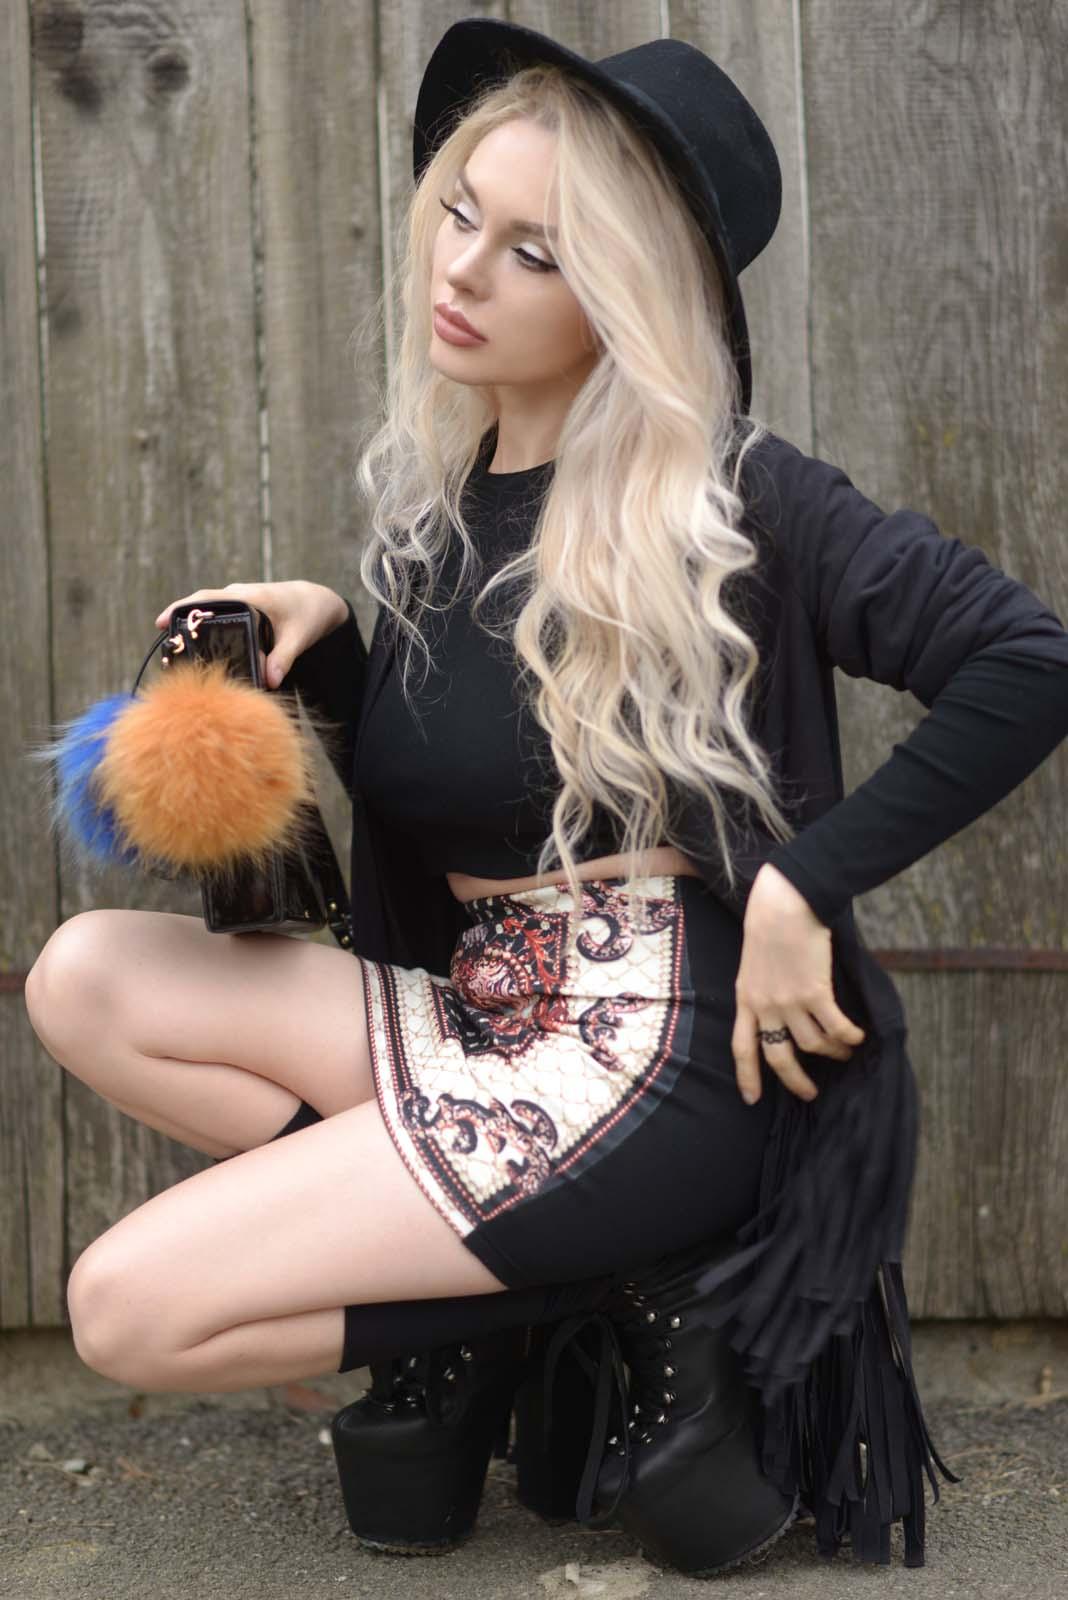 13_vintage_pattern_skirt_black_hat_pompon